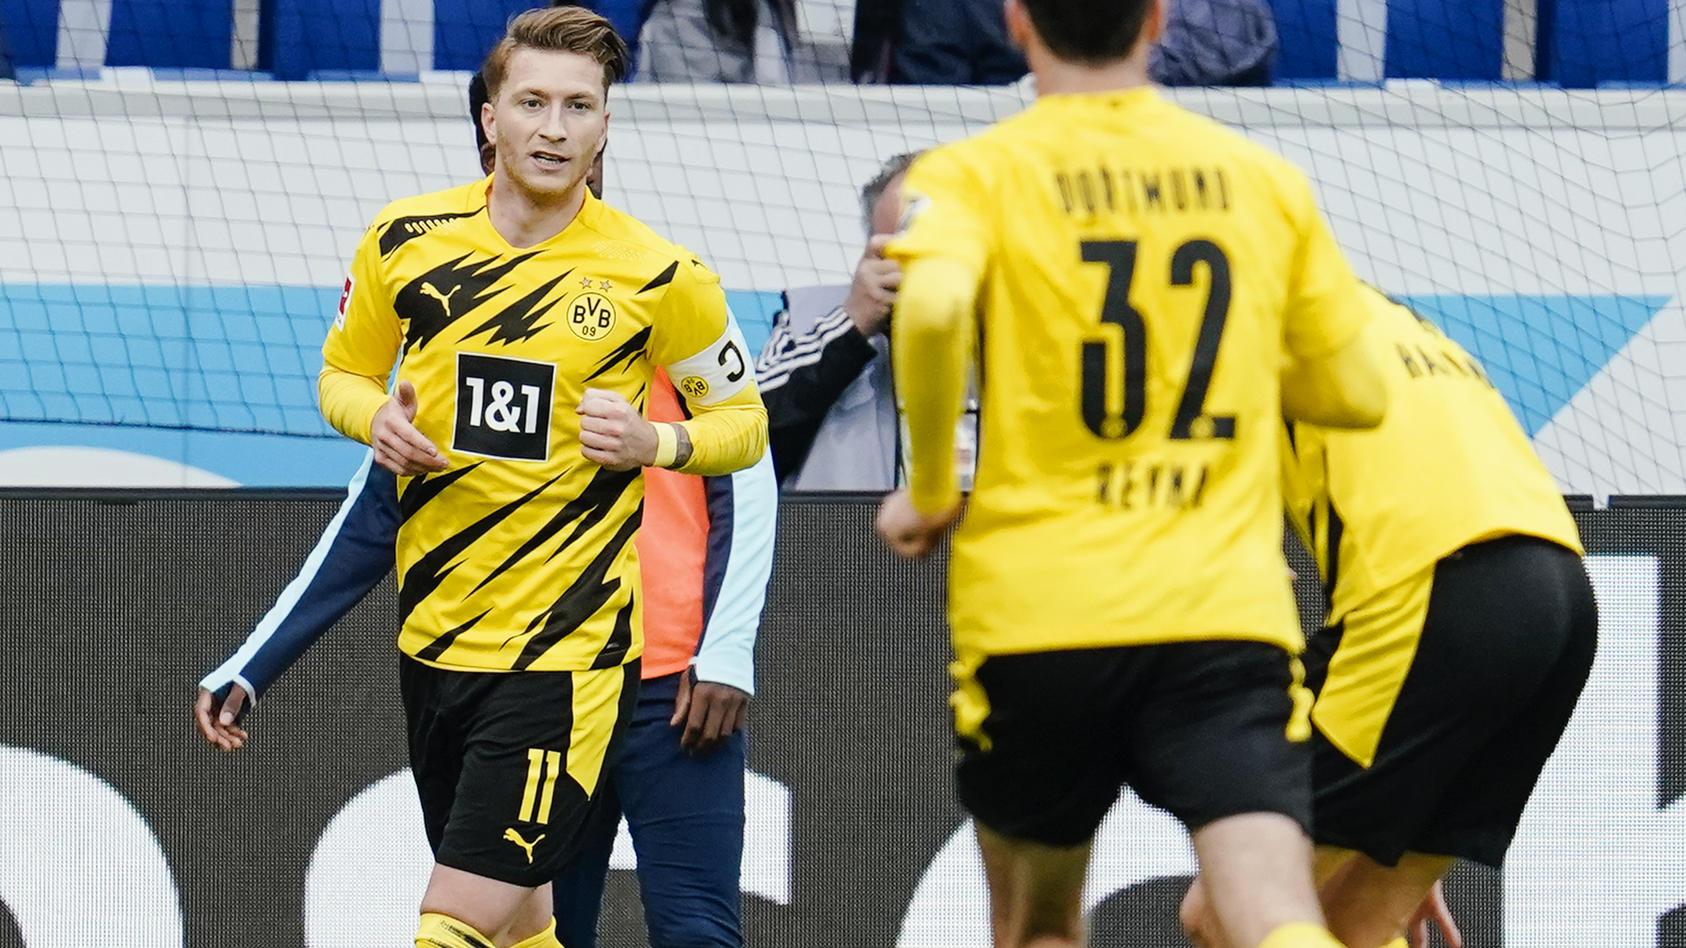 Reus ghi bàn duy nhất giúp Dortmund chiến thắng. (Nguồn: RTL.de)